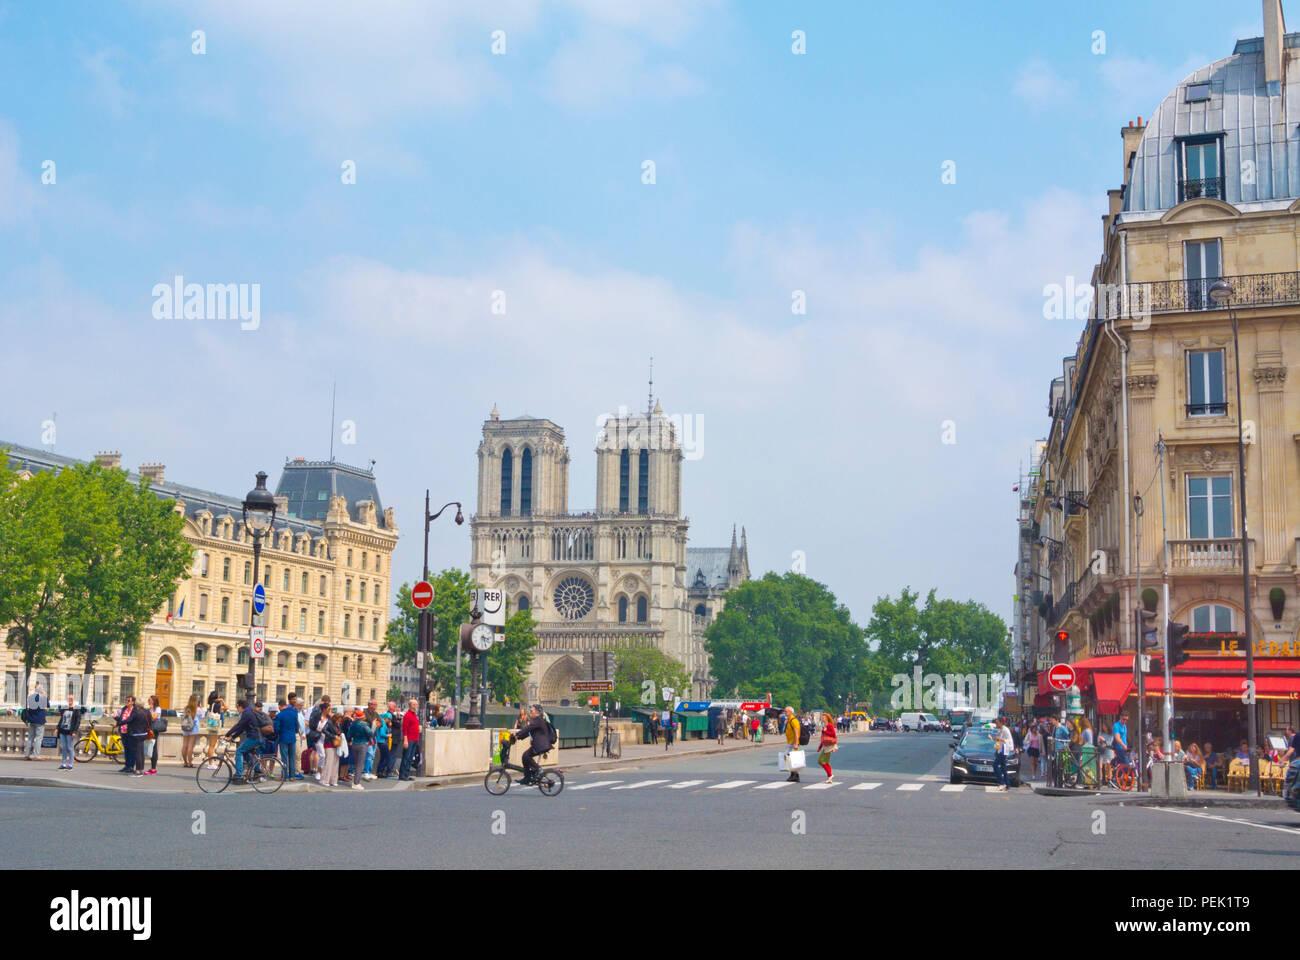 Place Saint Michel and Notre Dame church, at Pont Saint  Michel, Paris, France - Stock Image